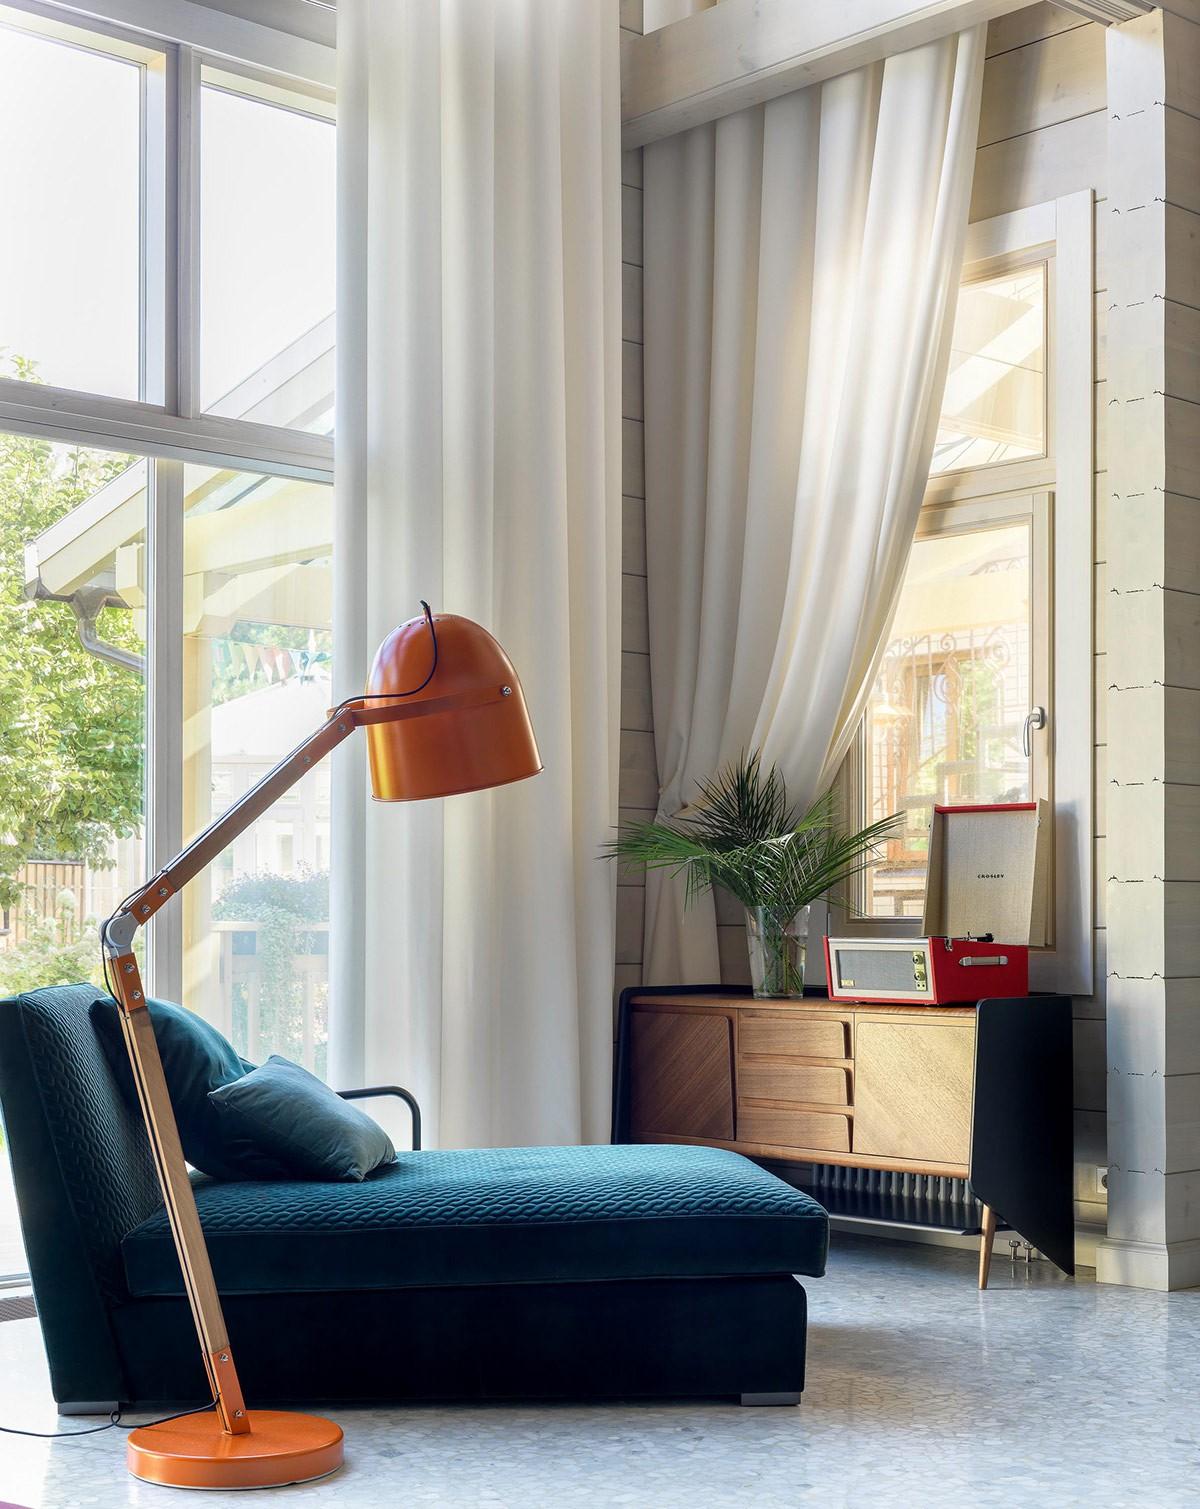 Hình ảnh một góc phòng khách với ghế tựa êm ái, đèn sàn màu cam, tủ kệ lưu trữ